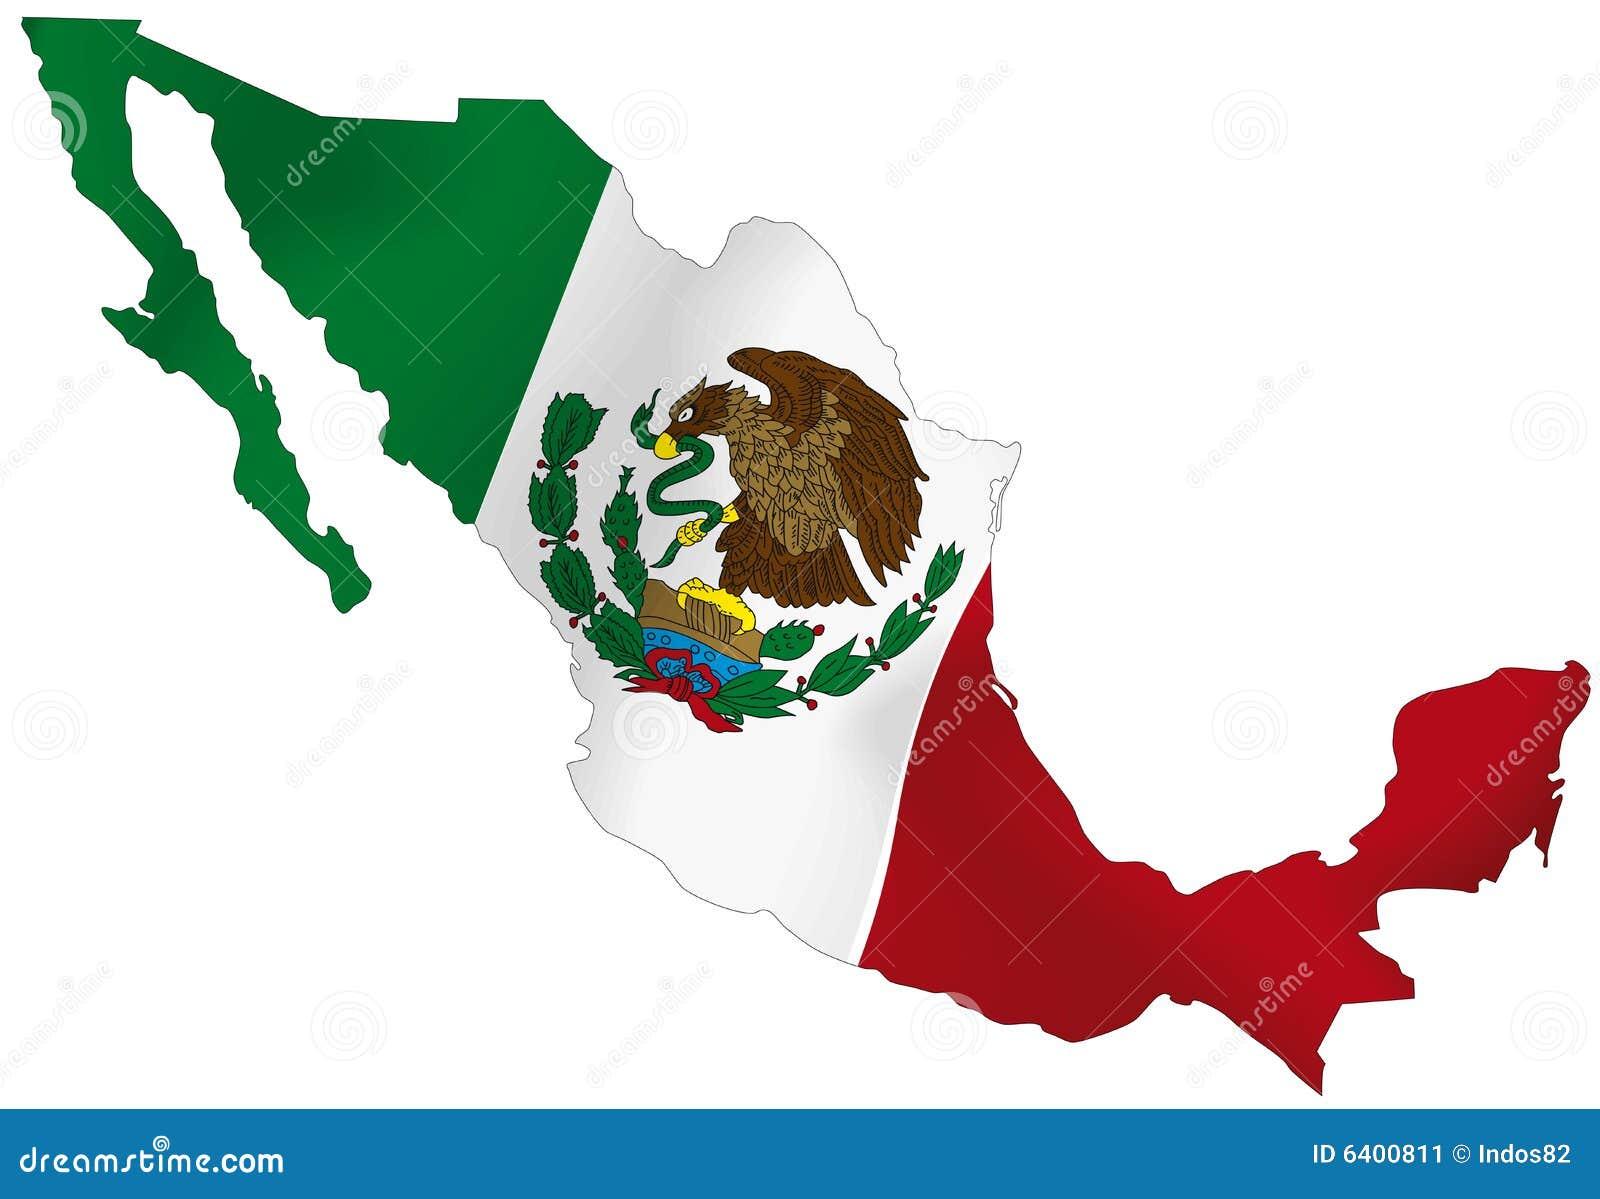 Schön Farben Auf Mexikanischer Flagge Bilder - Beispiel Business ...